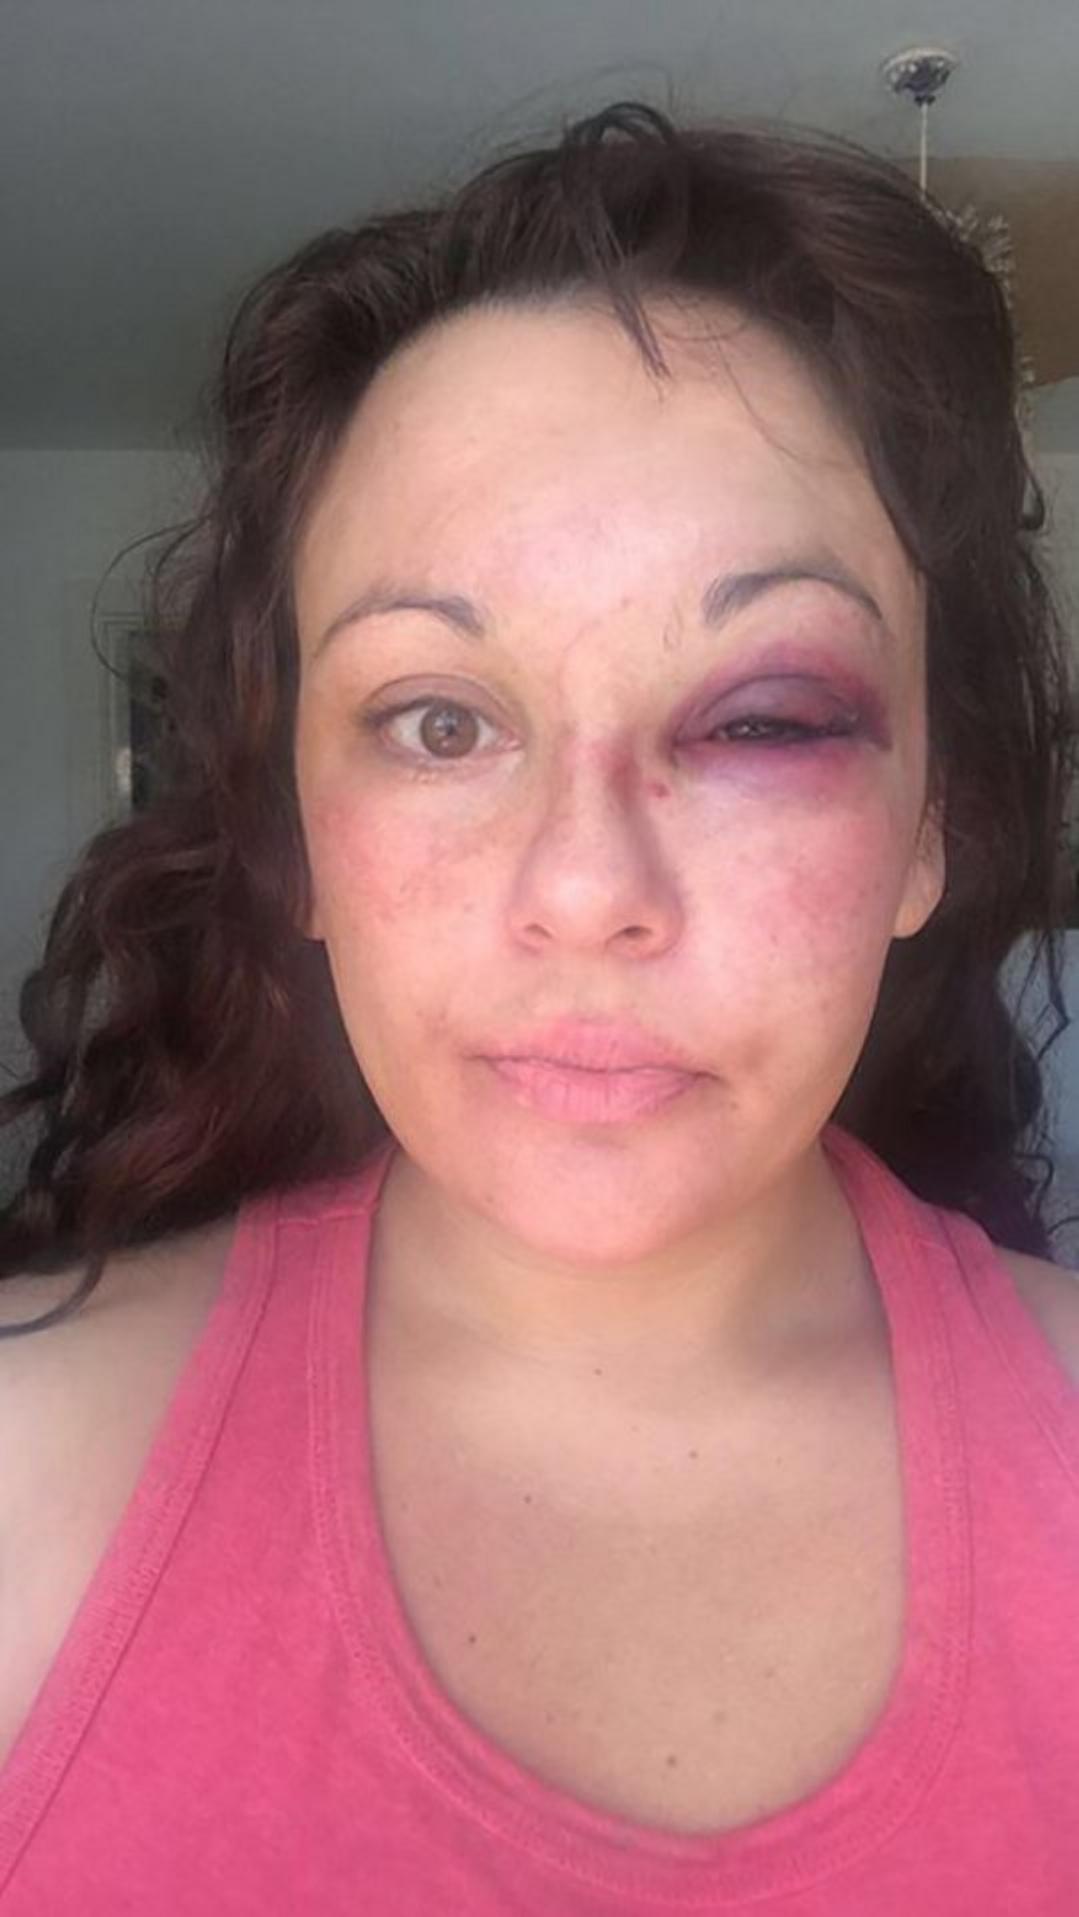 Фото: MEN Media / Дженна после первого избиения, когда её спасла дочь /